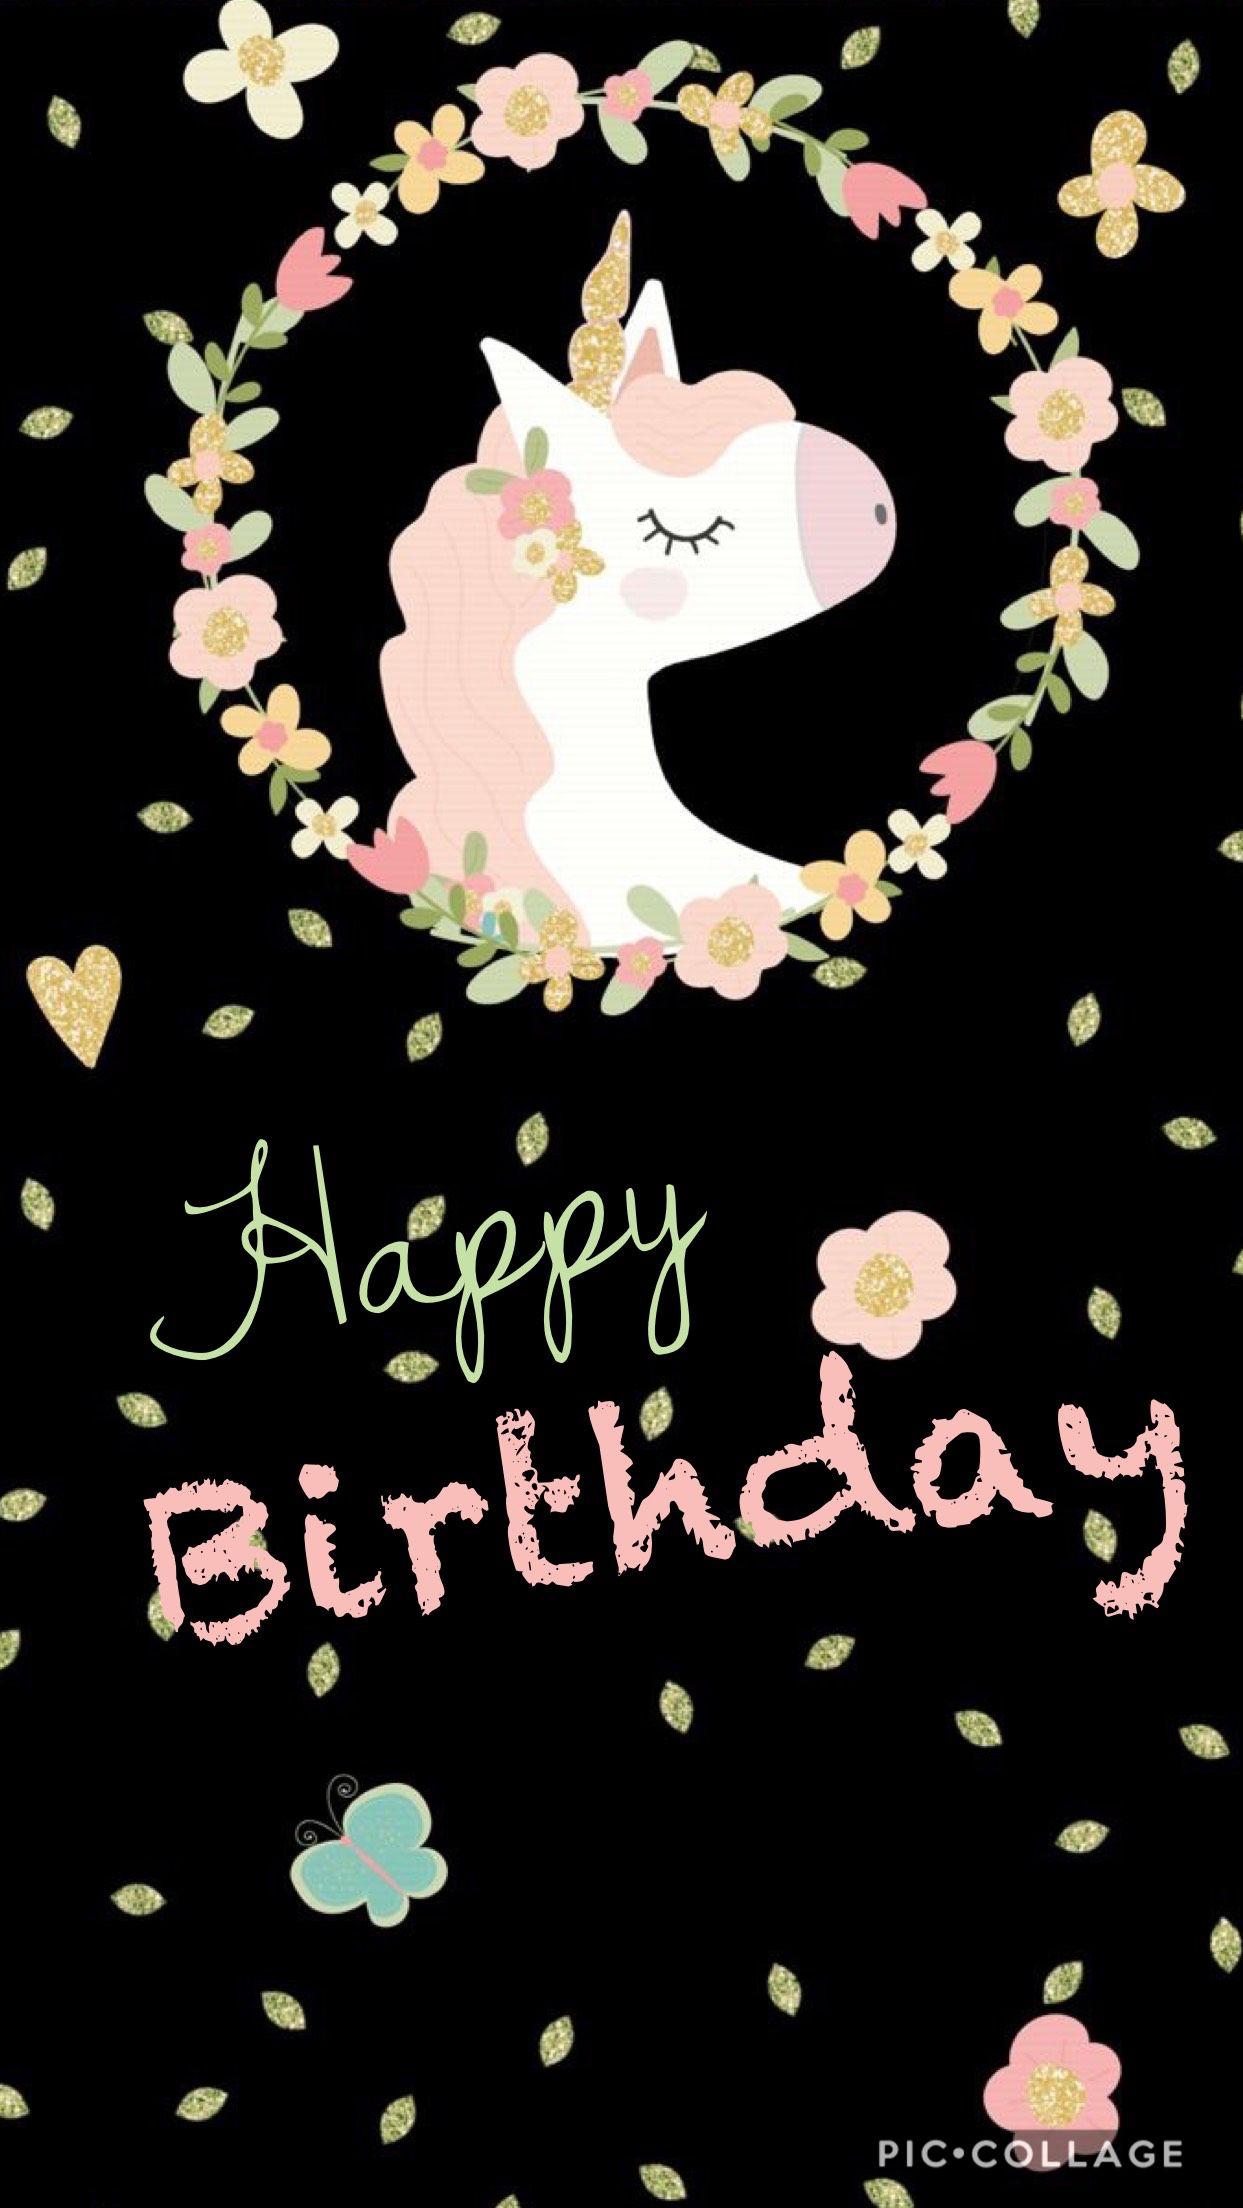 carte anniversaire fille 9 ans Trouver d'autres images d'anniversaire dans http://anniversaire